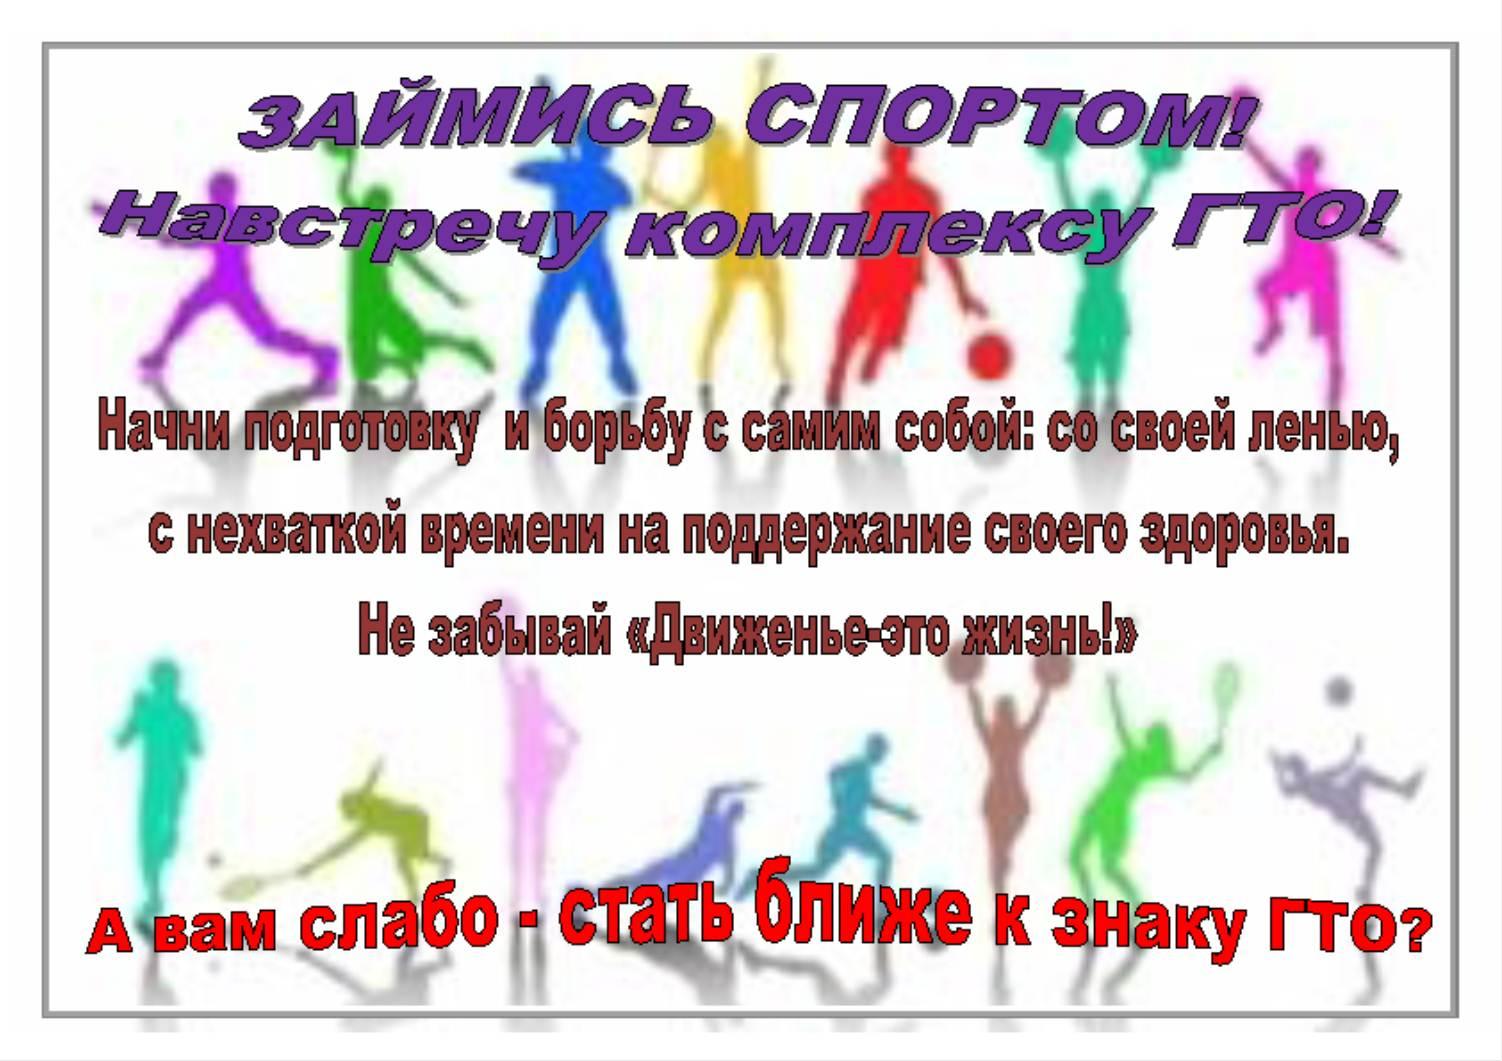 http://kutjah-sosh.ru/uploads/posts/2015-03/1427085308_risunok3.jpg